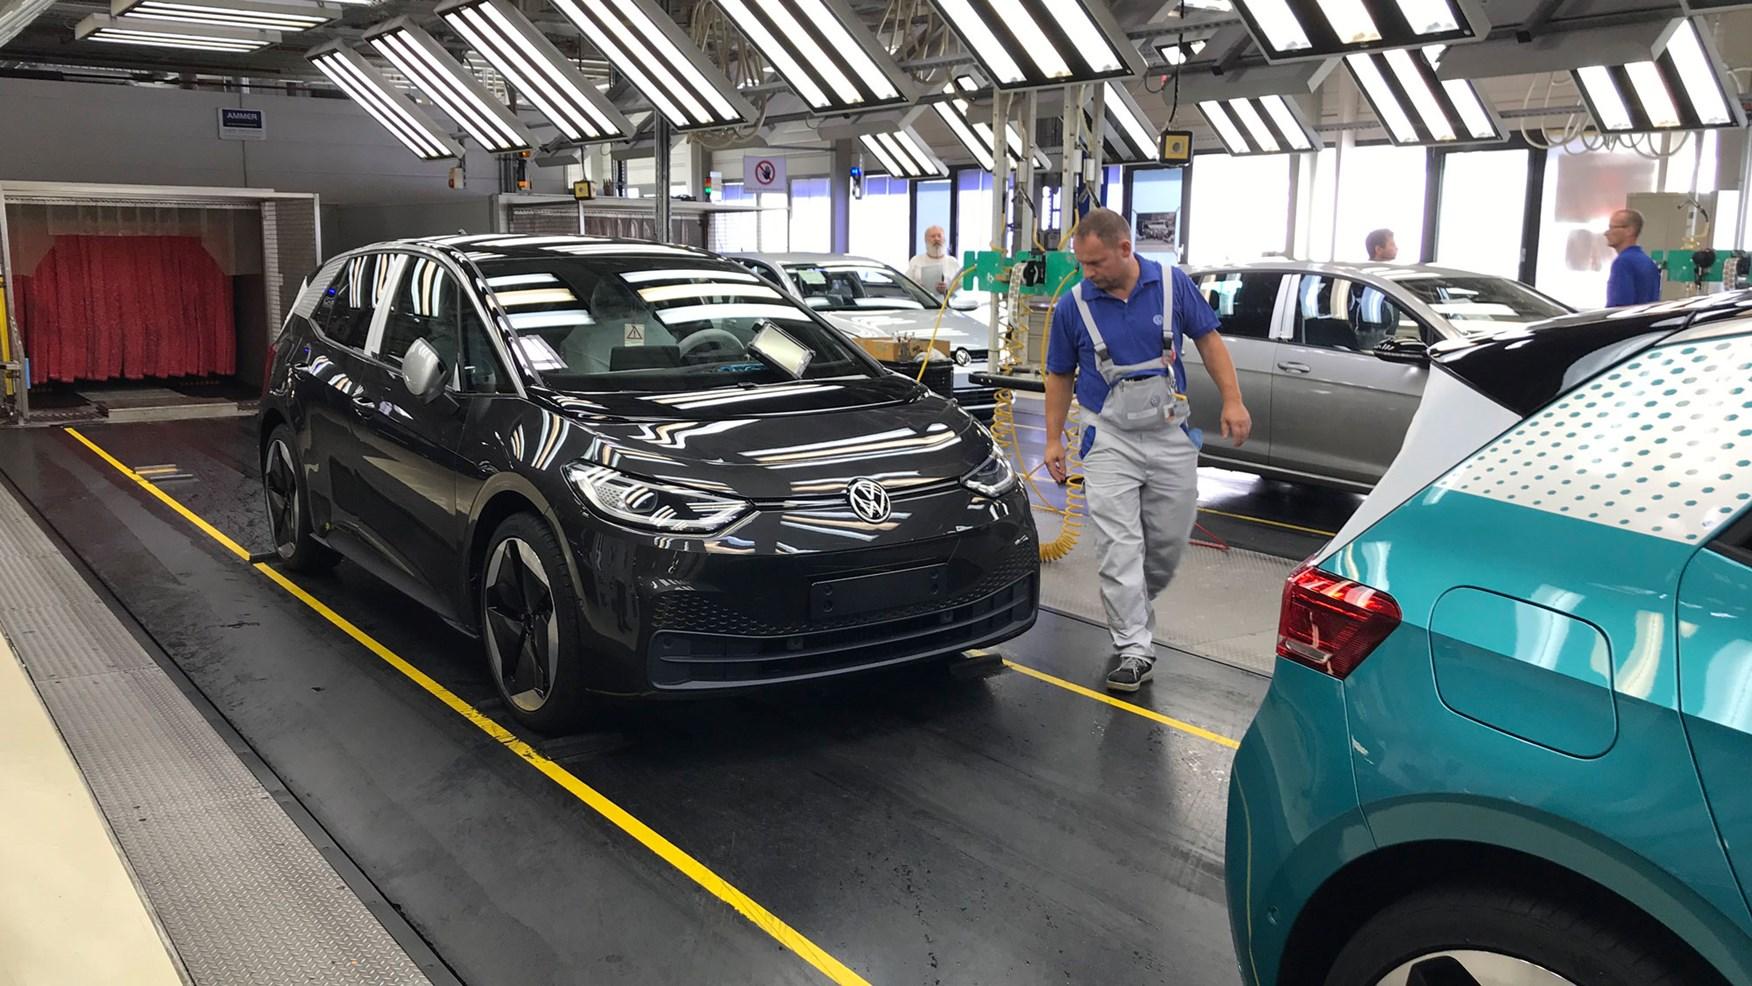 Από το 2027 τα ηλεκτρικά αυτοκίνητα θα είναι φθηνότερα από τα συμβατικά